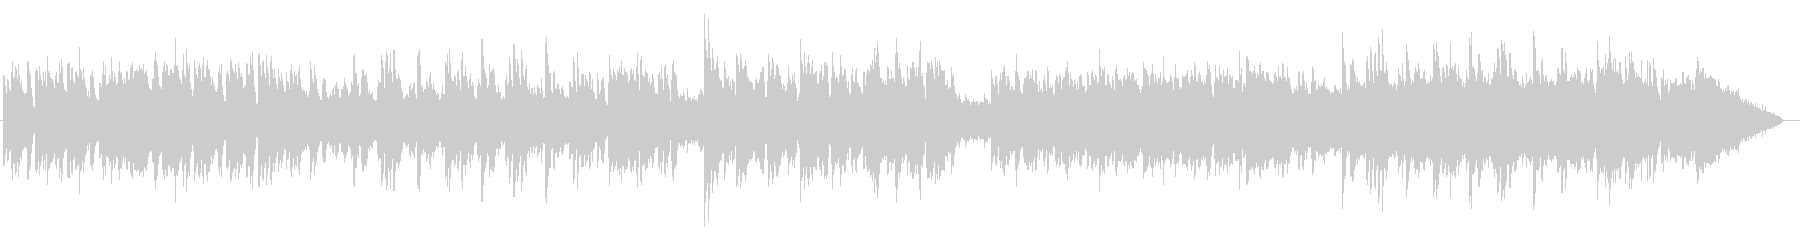 浮遊する繊細なハープとピアノサウンドの未再生の波形